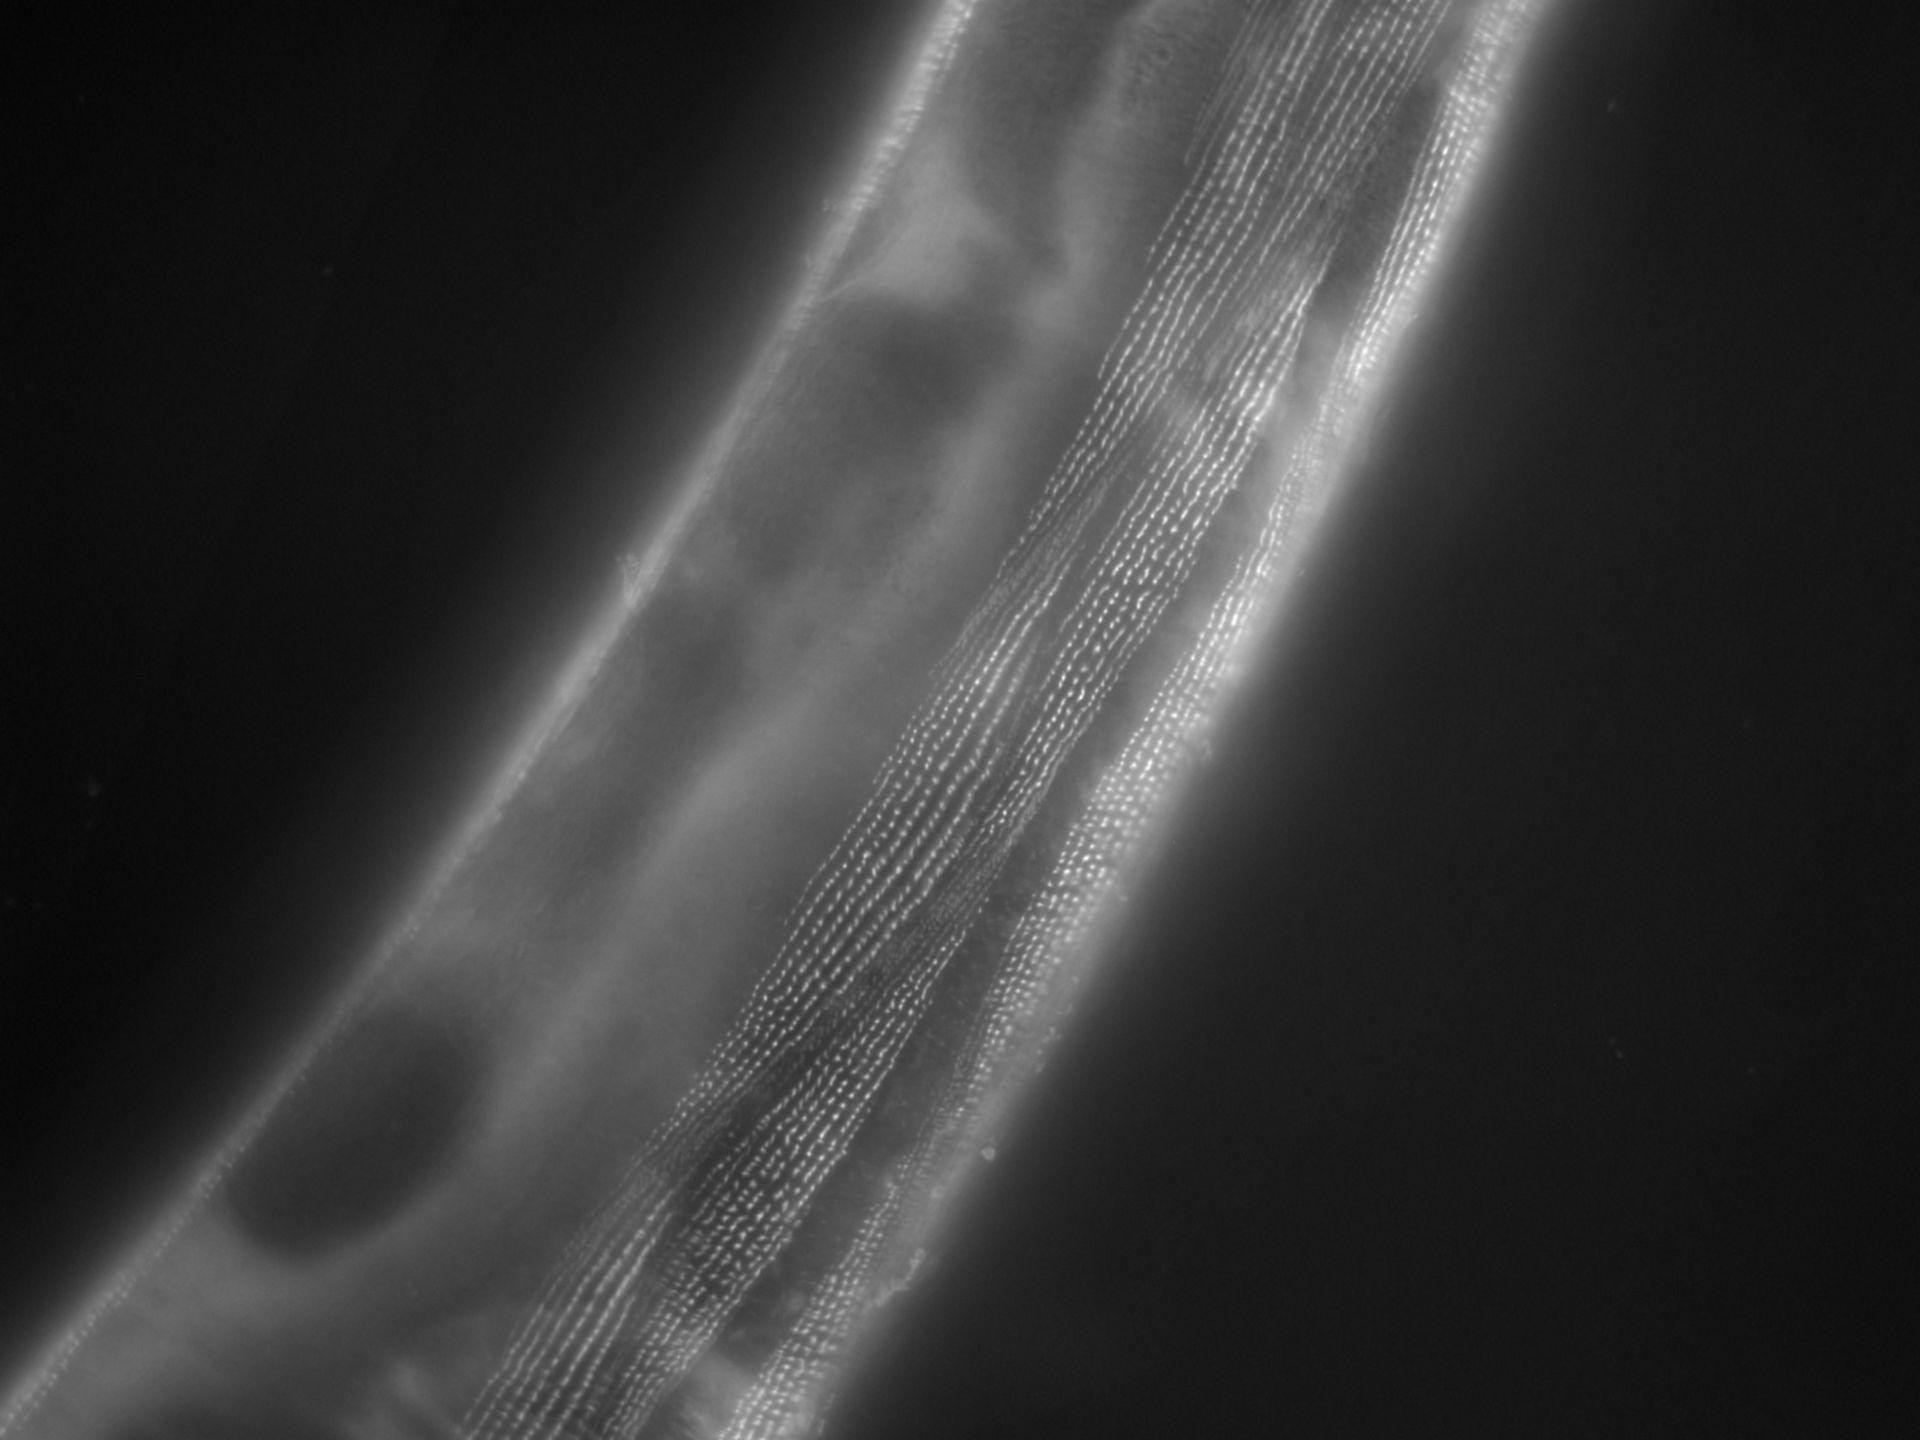 Caenorhabditis elegans (Actin filament) - CIL:1170